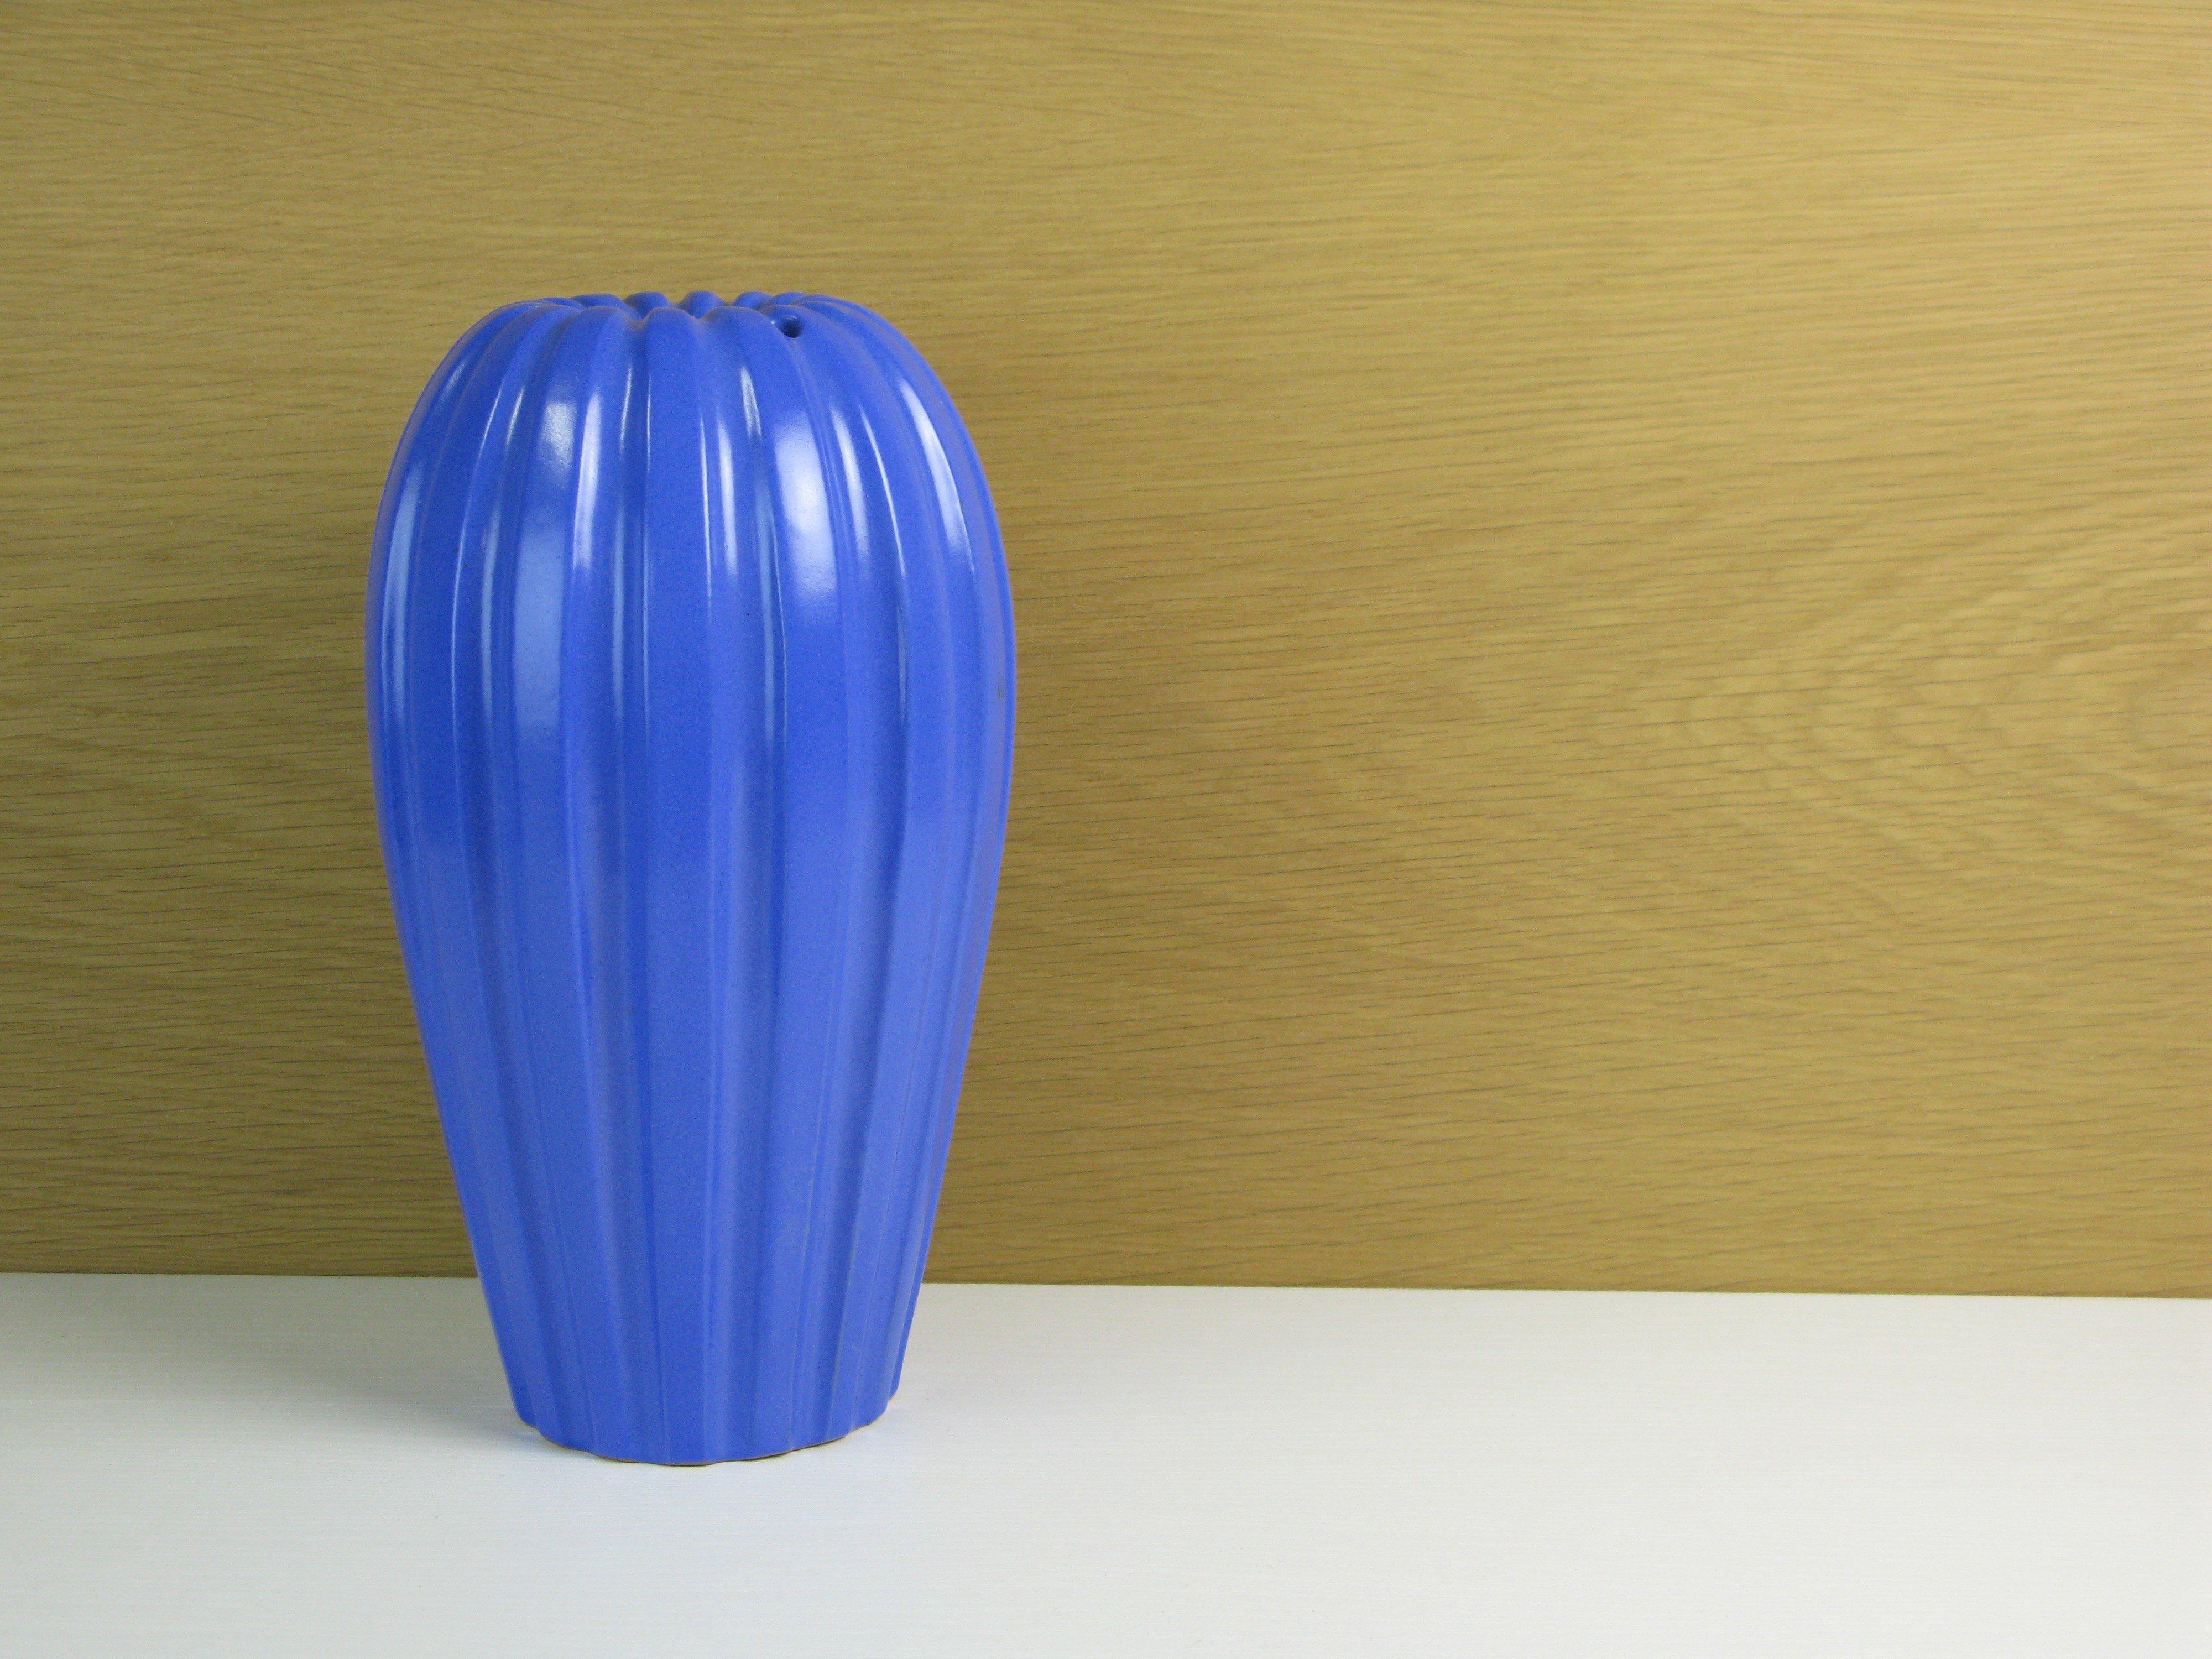 blue vase 479 SOLD